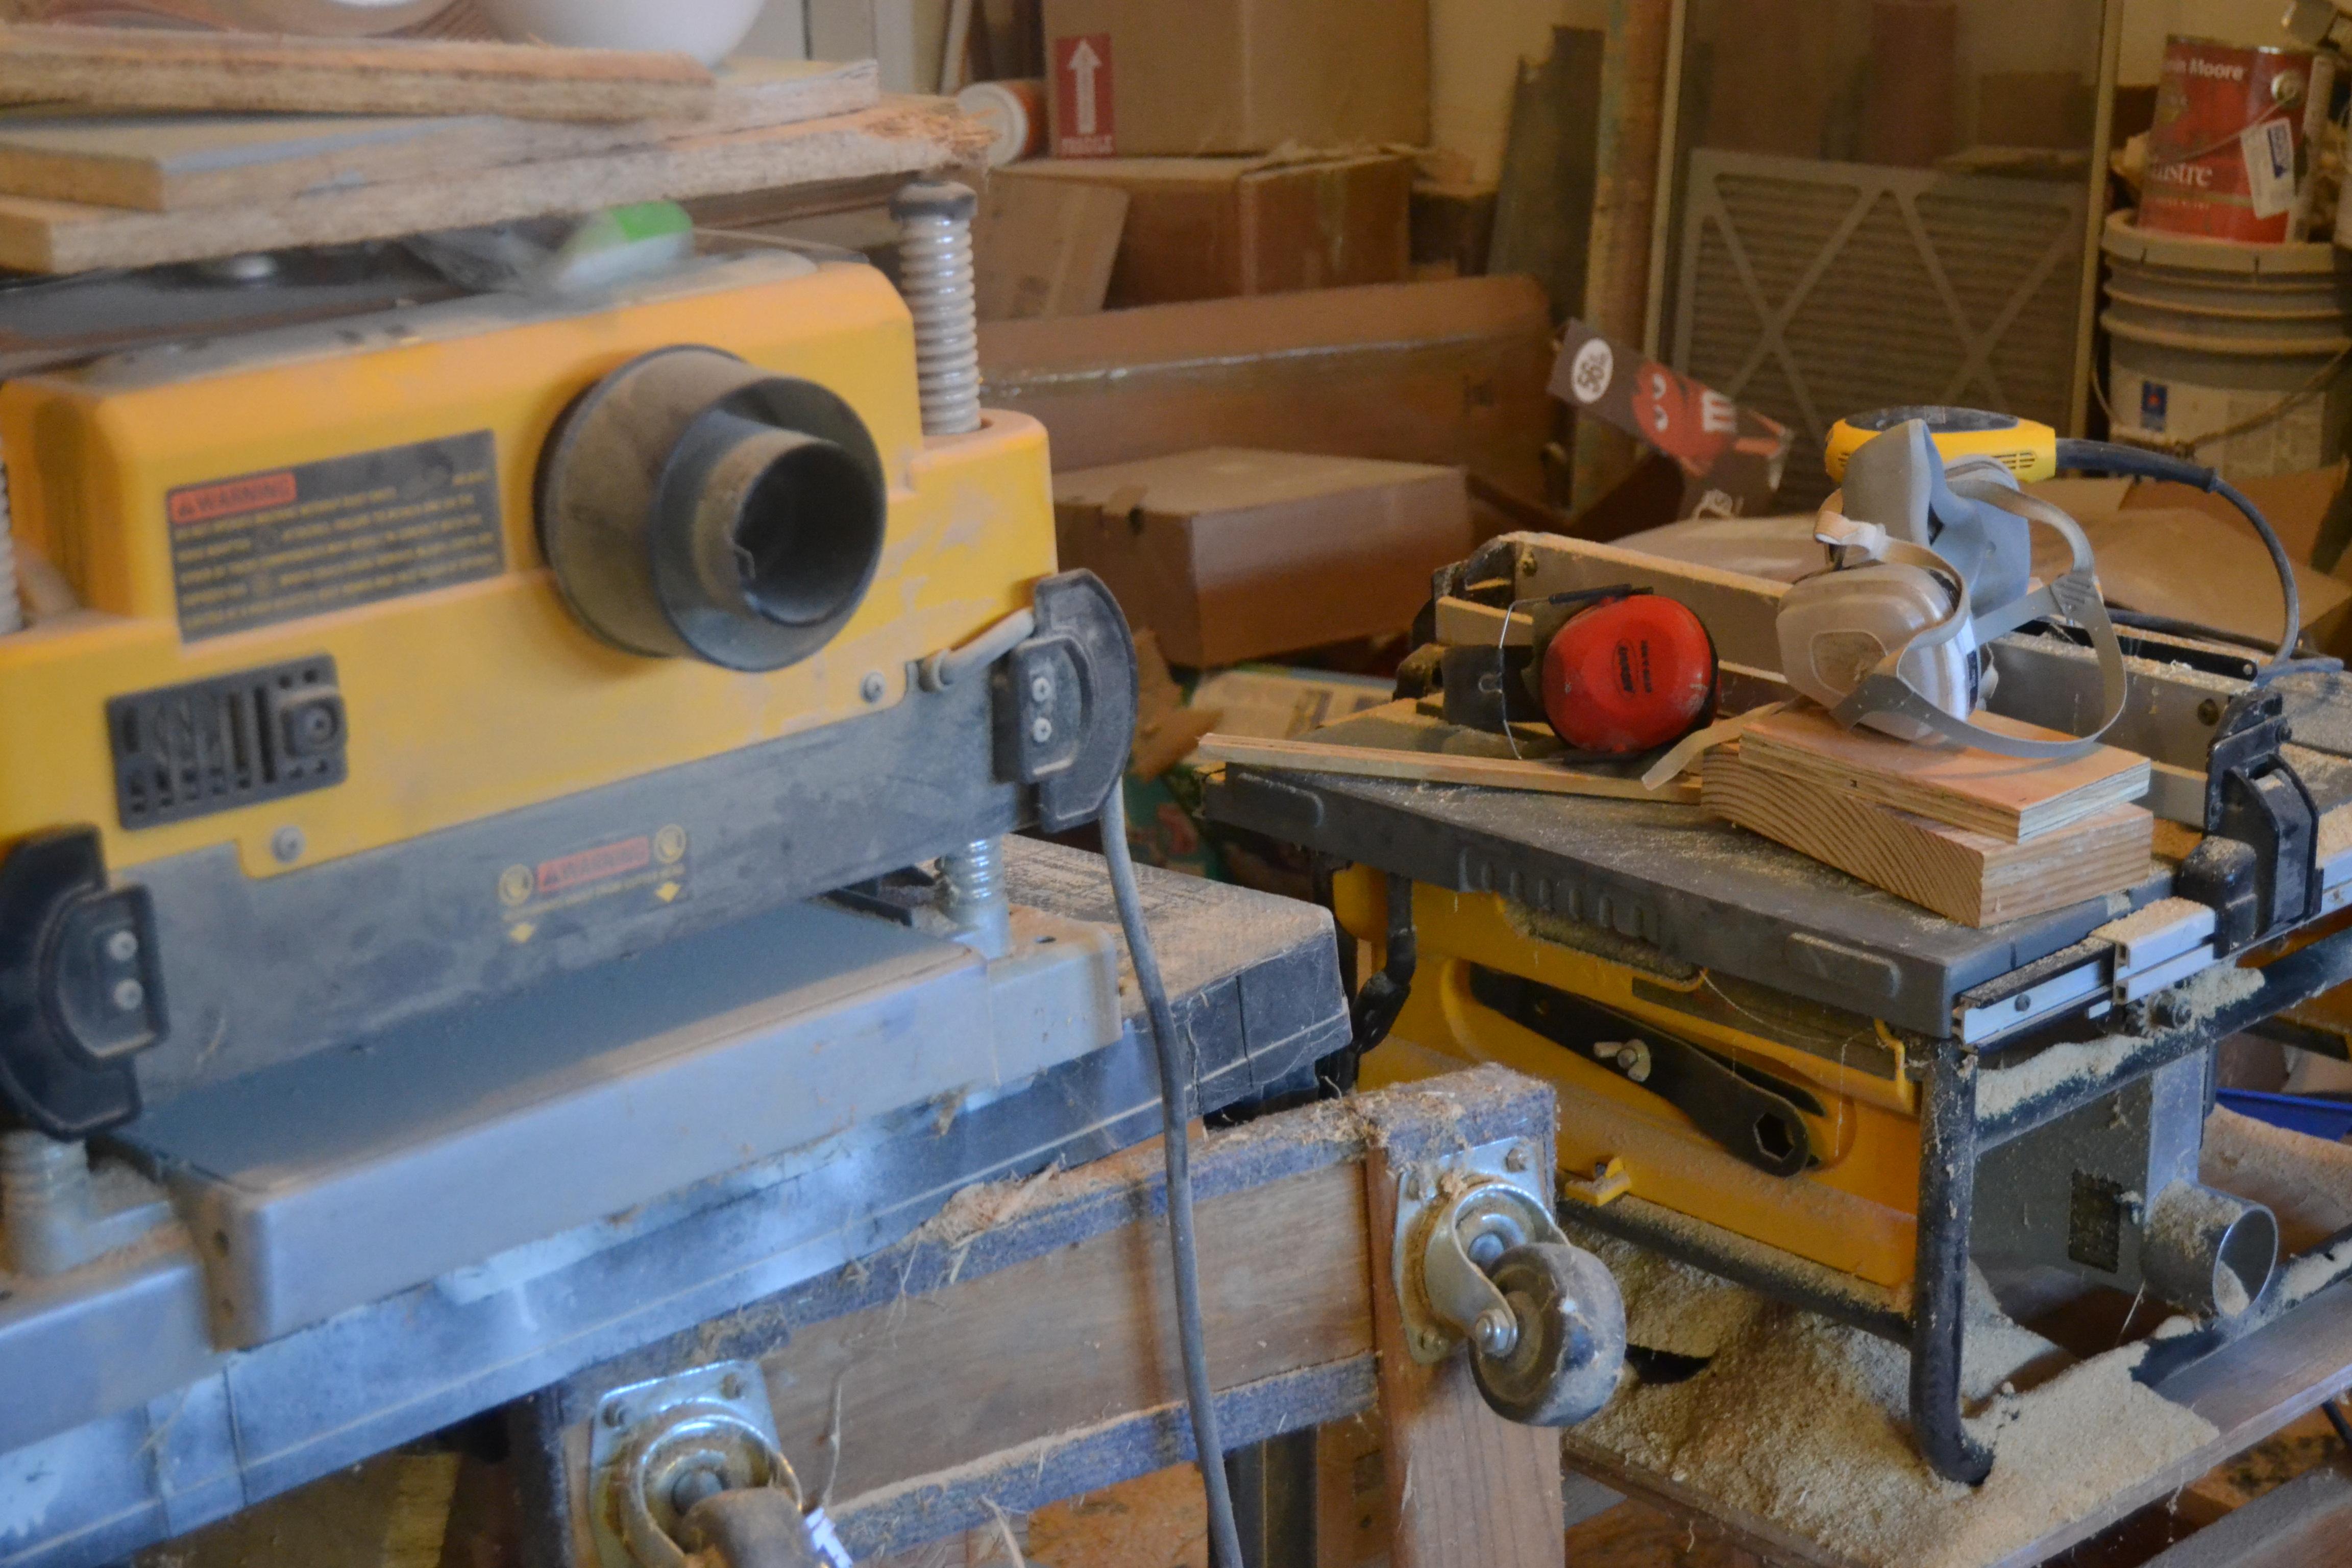 Craig Colorusso's workshop